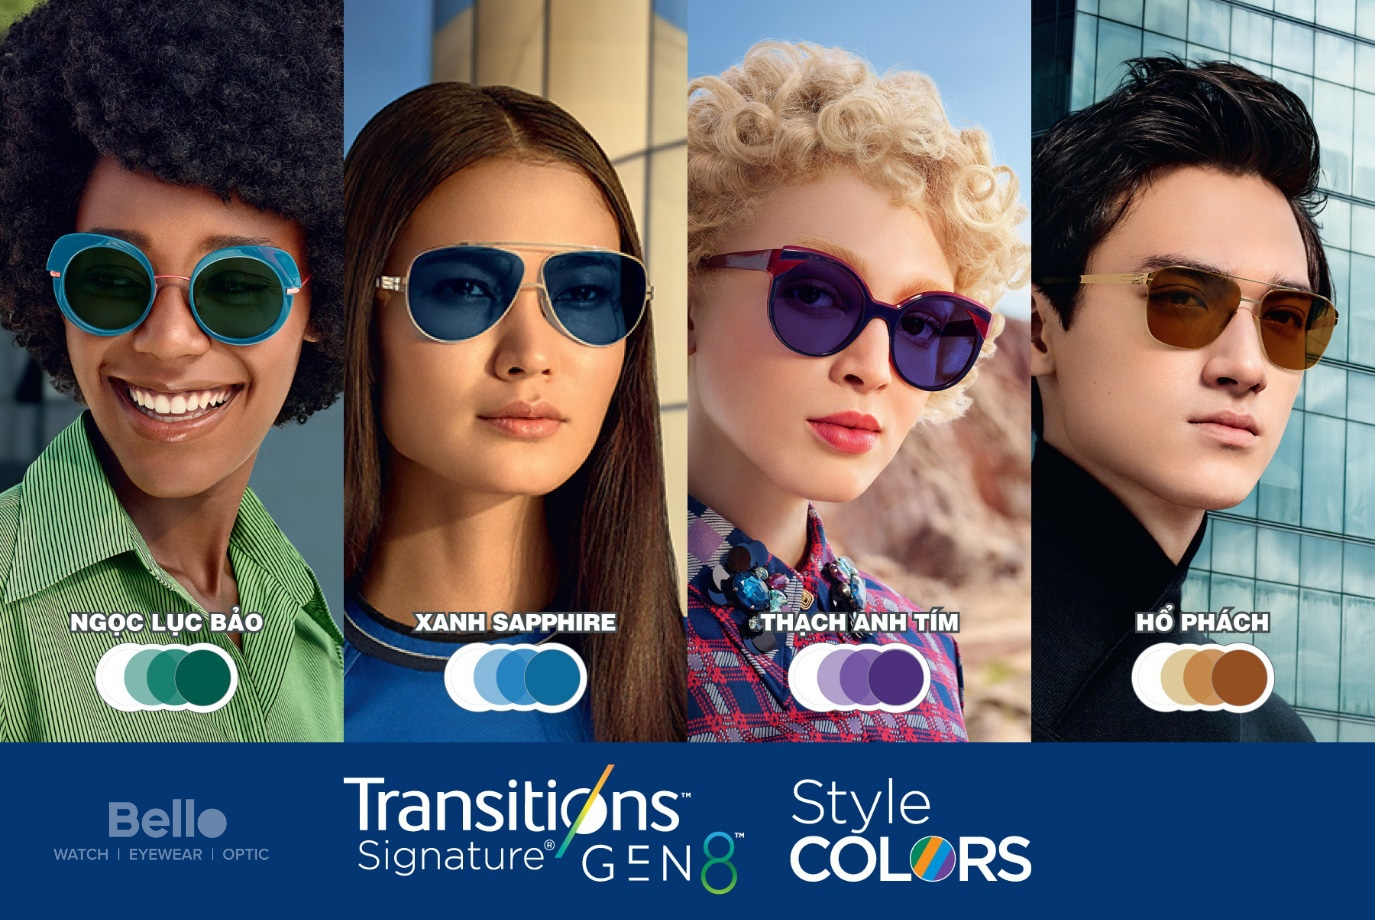 Tròng kính đổi màu Essilor Transitions Gen 8 Style Color Thạch Anh Tím, Ngọc Lục Bảo, Xanh Sapphire, Hổ Phách